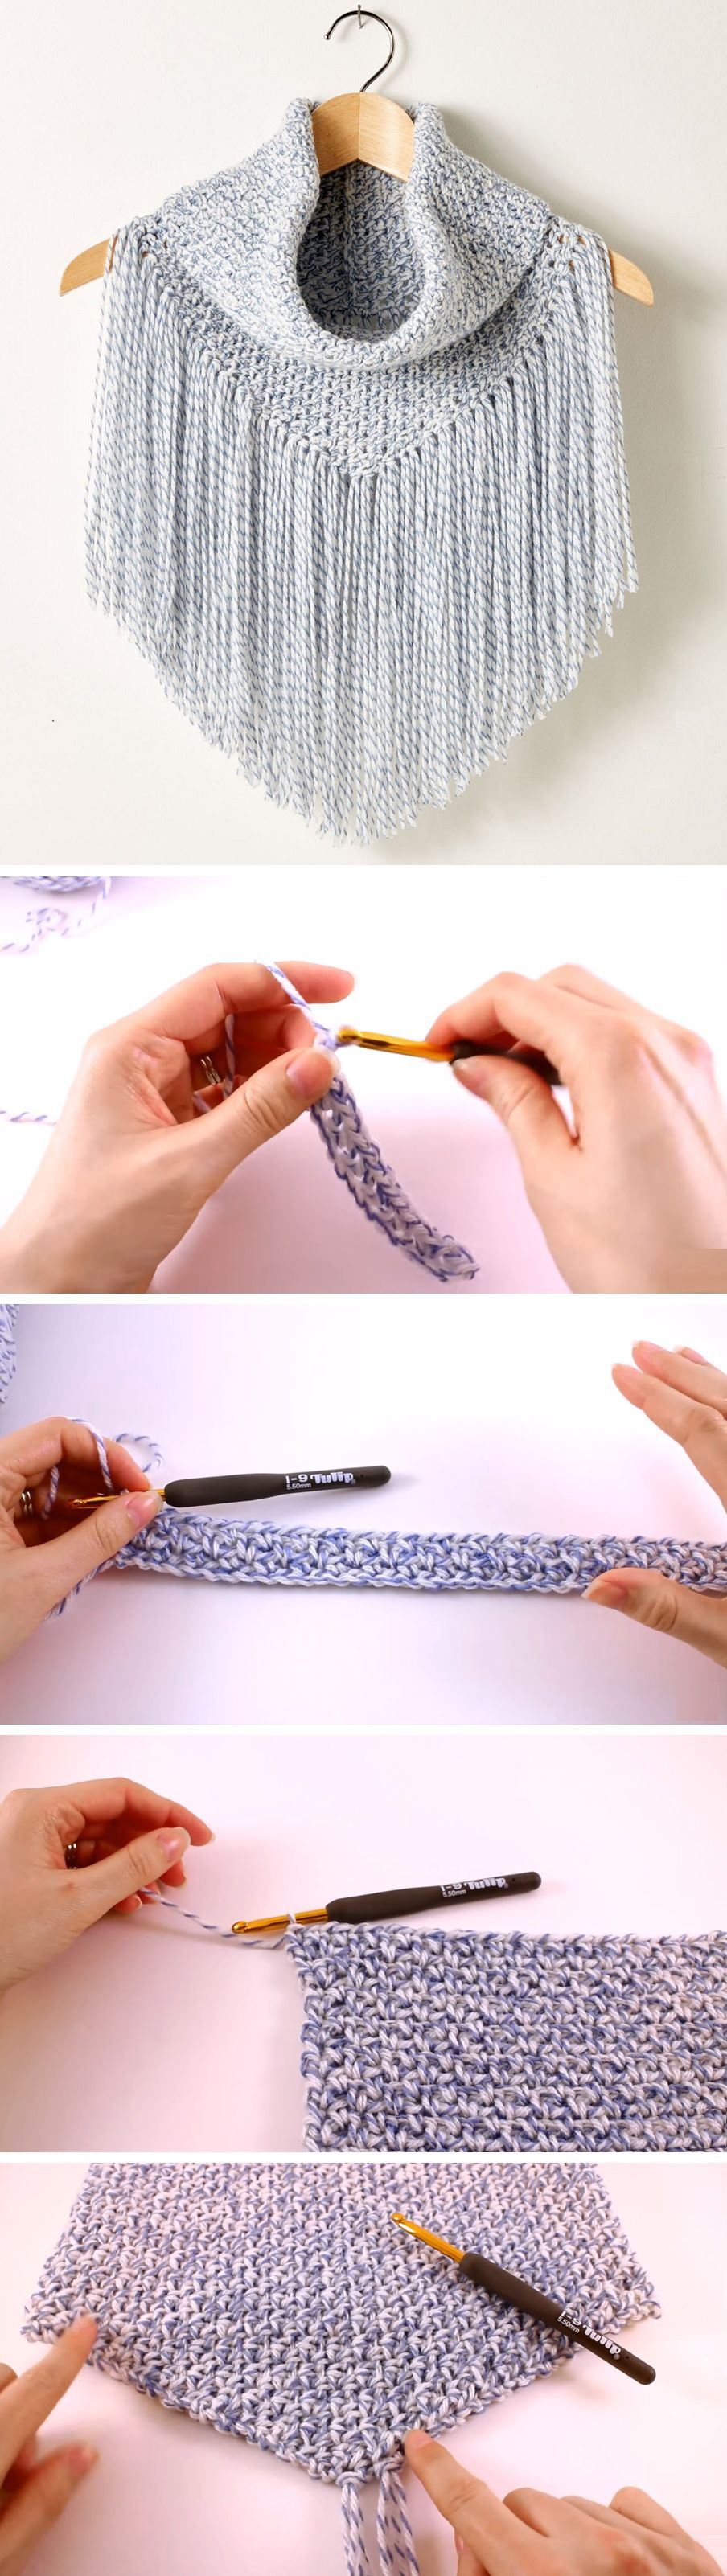 Crochet Tutorial – Poncho/Cowl | Lucas | Pinterest | Tejido, Ponchos ...